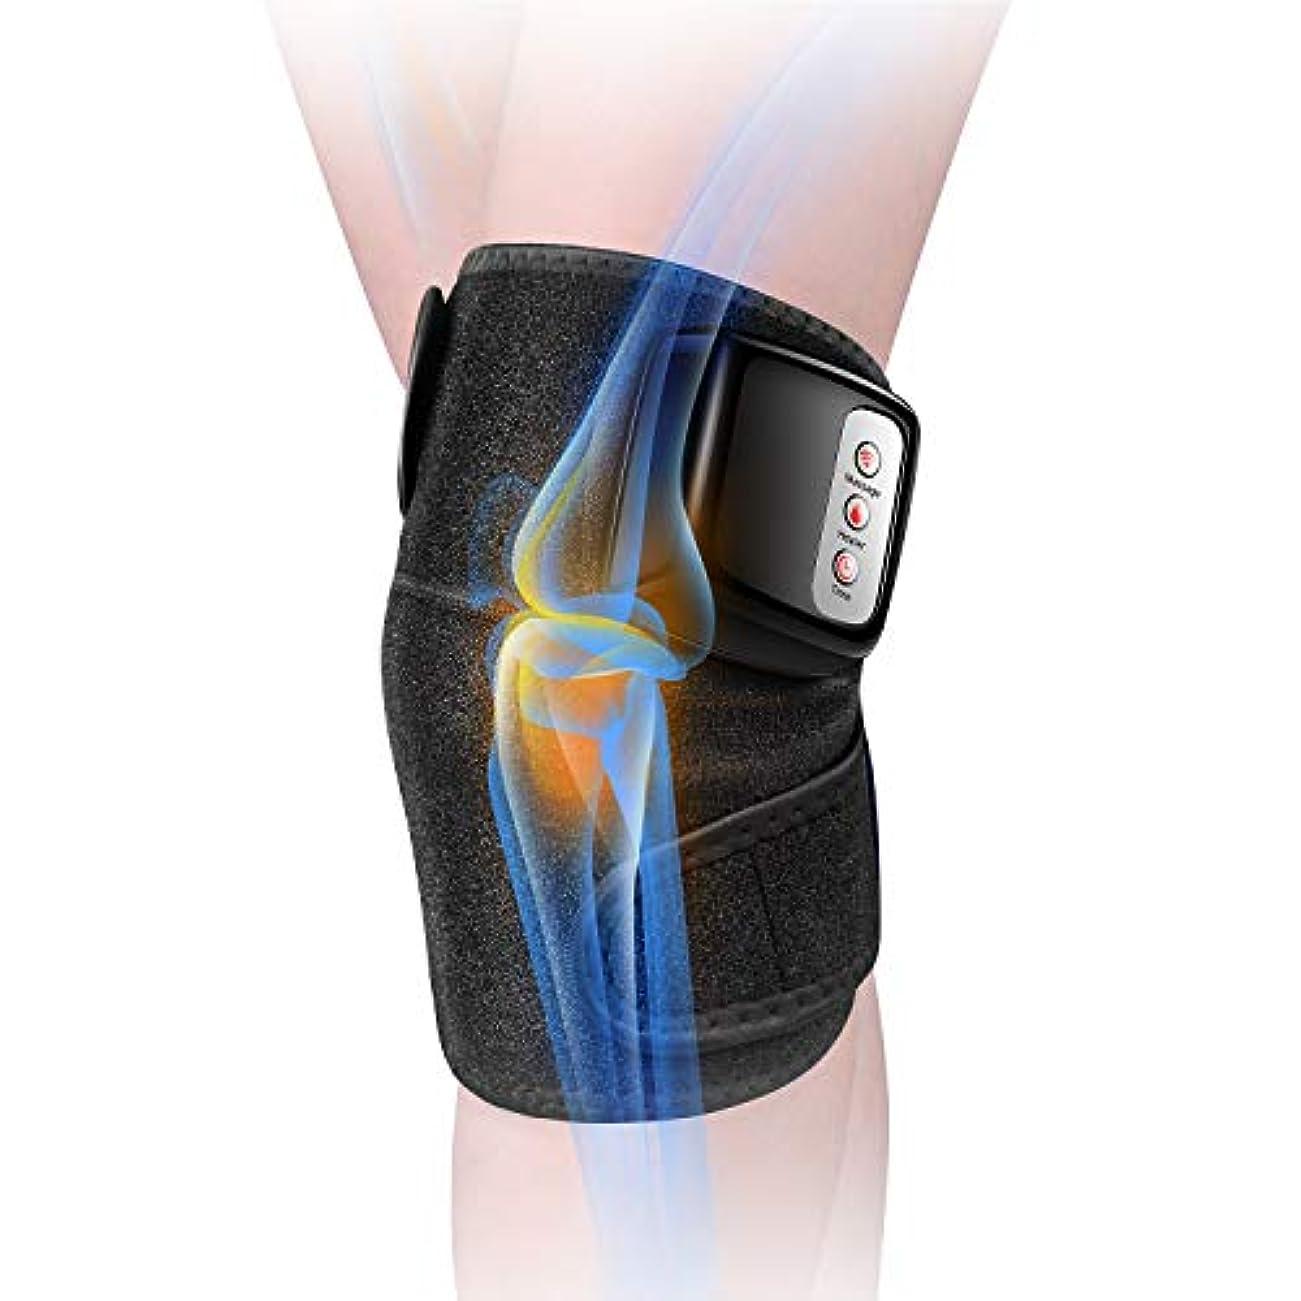 ライラック番号ロボット膝マッサージャー 関節マッサージャー マッサージ器 フットマッサージャー 振動 赤外線療法 温熱療法 膝サポーター ストレス解消 肩 太もも/腕対応